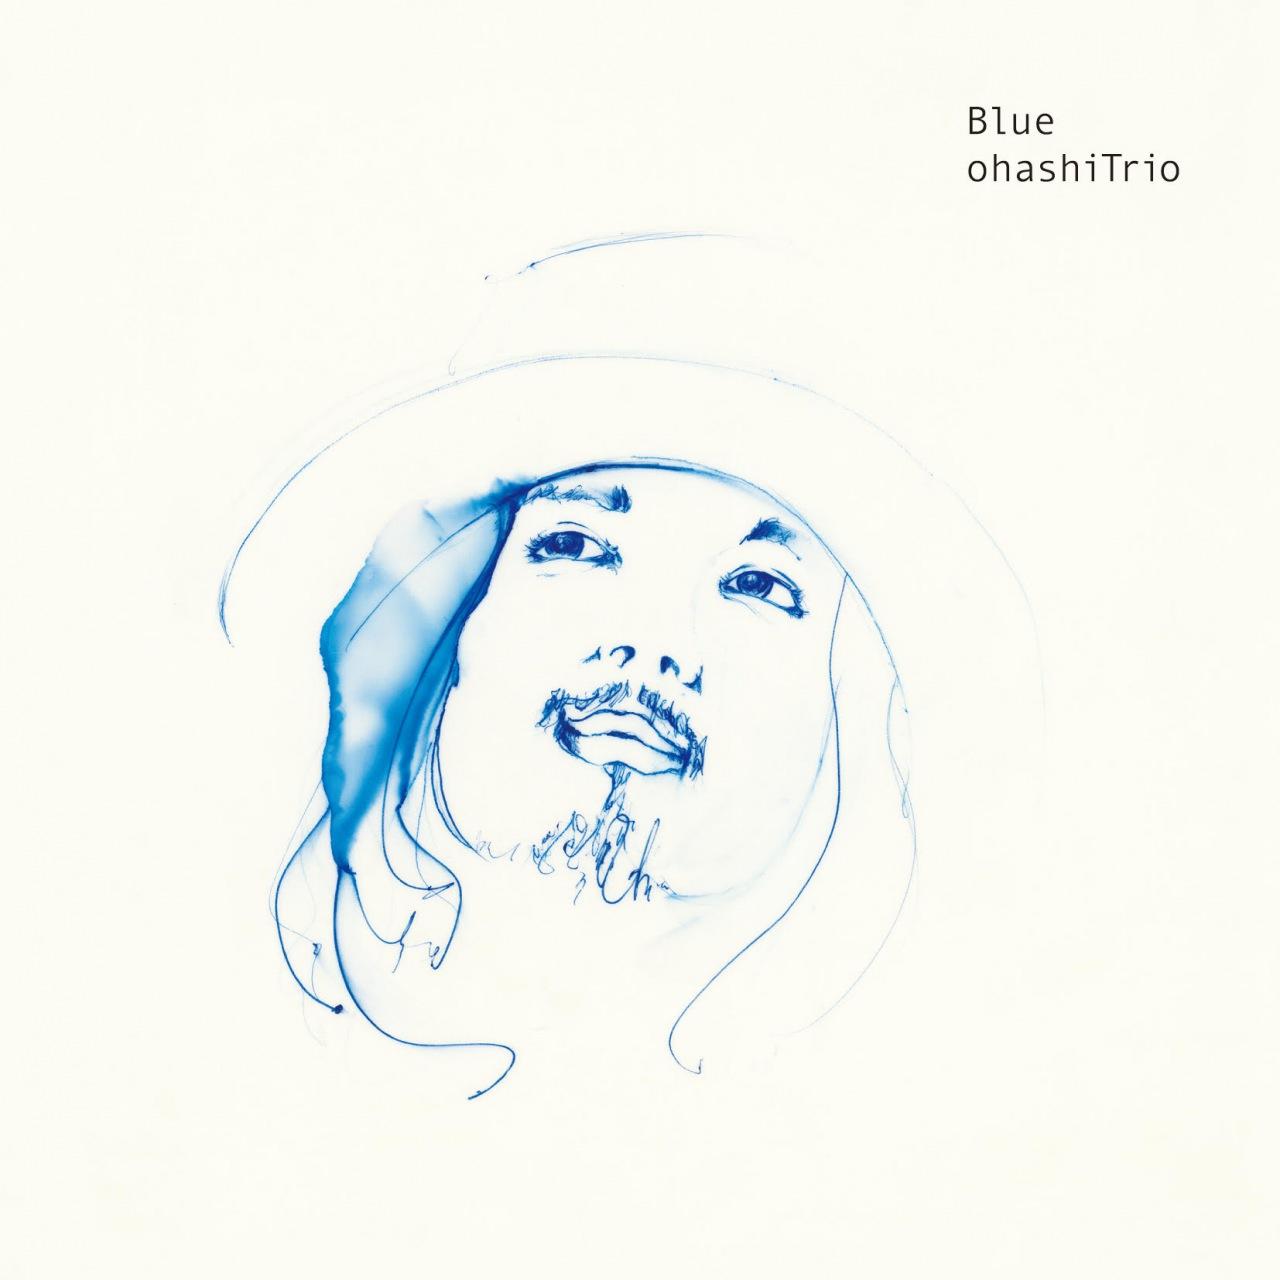 大橋トリオ、2/15発売のNEW ALBUM「Blue」から新曲MV公開